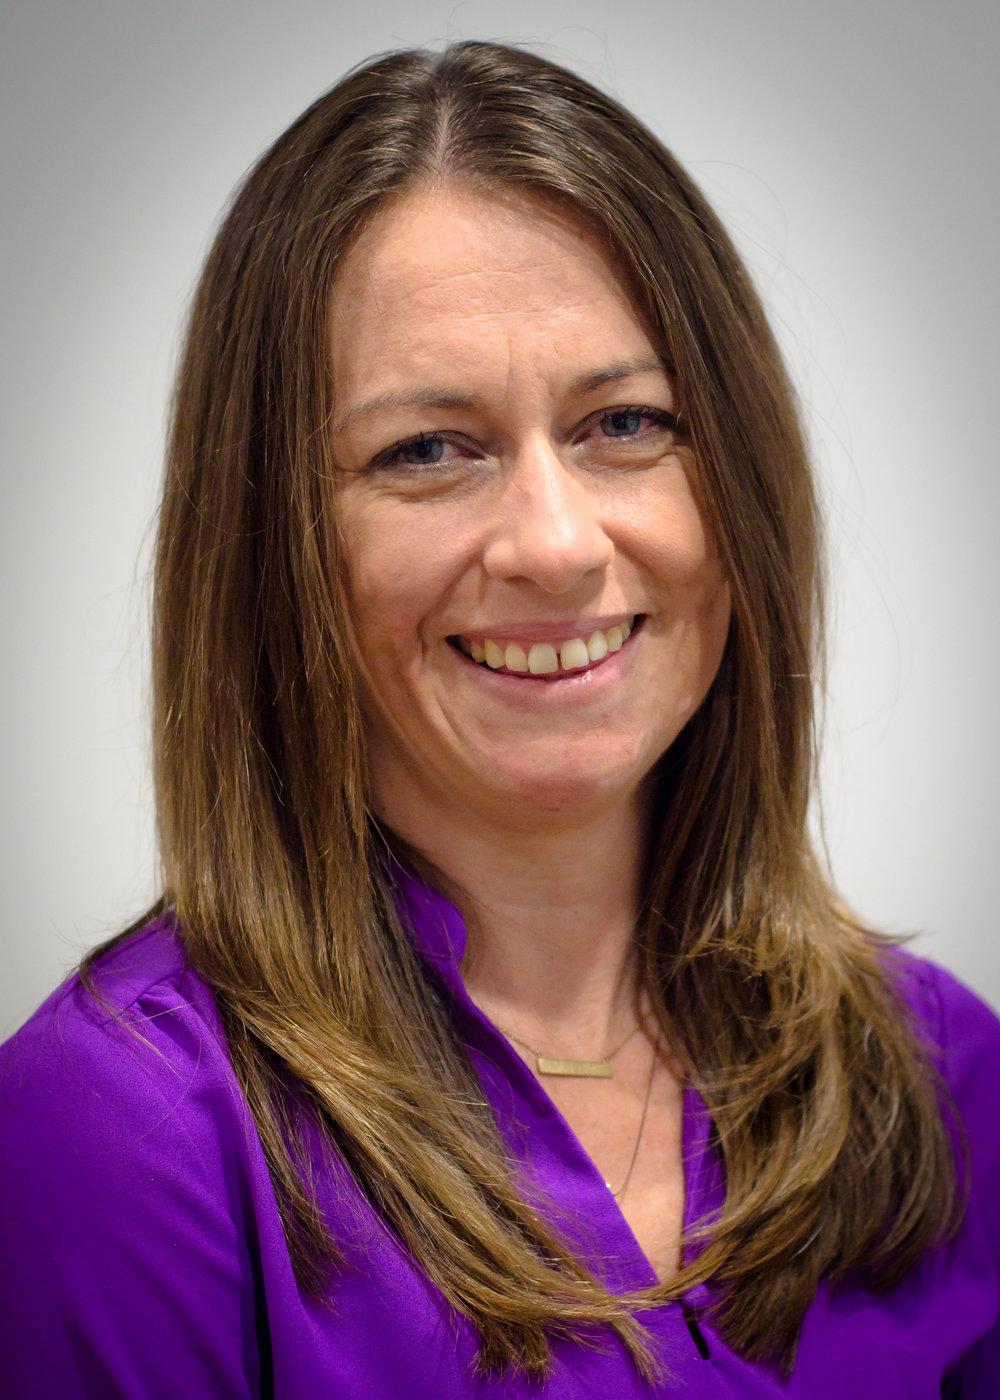 Melanie Crommett